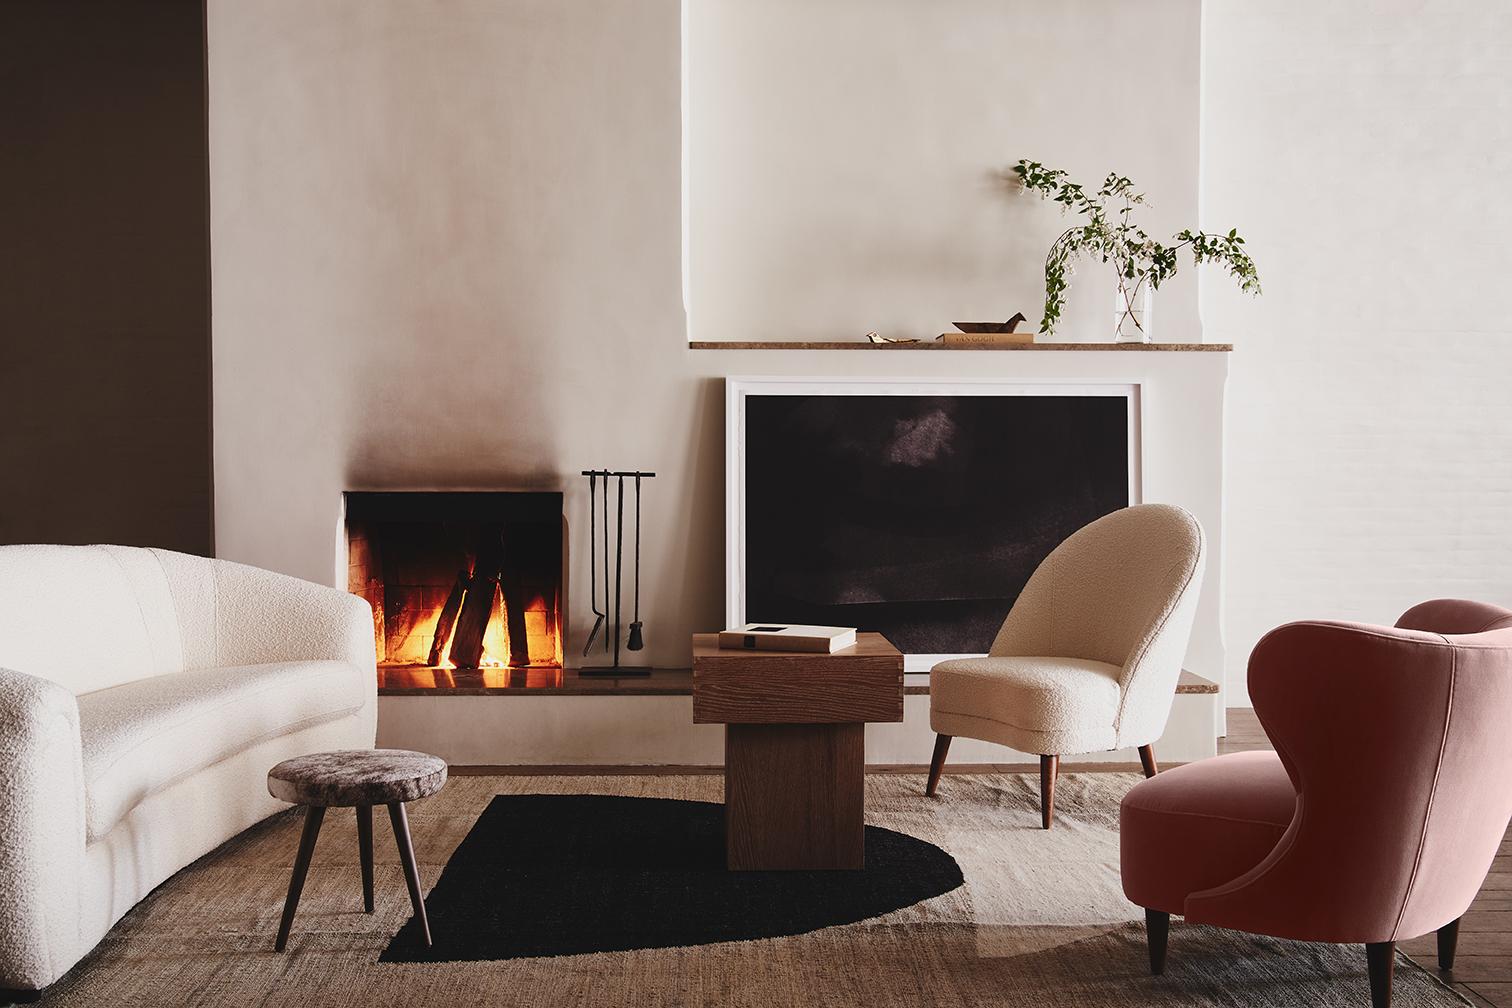 modern home interior design by Christiane Lemieux DwellStudio